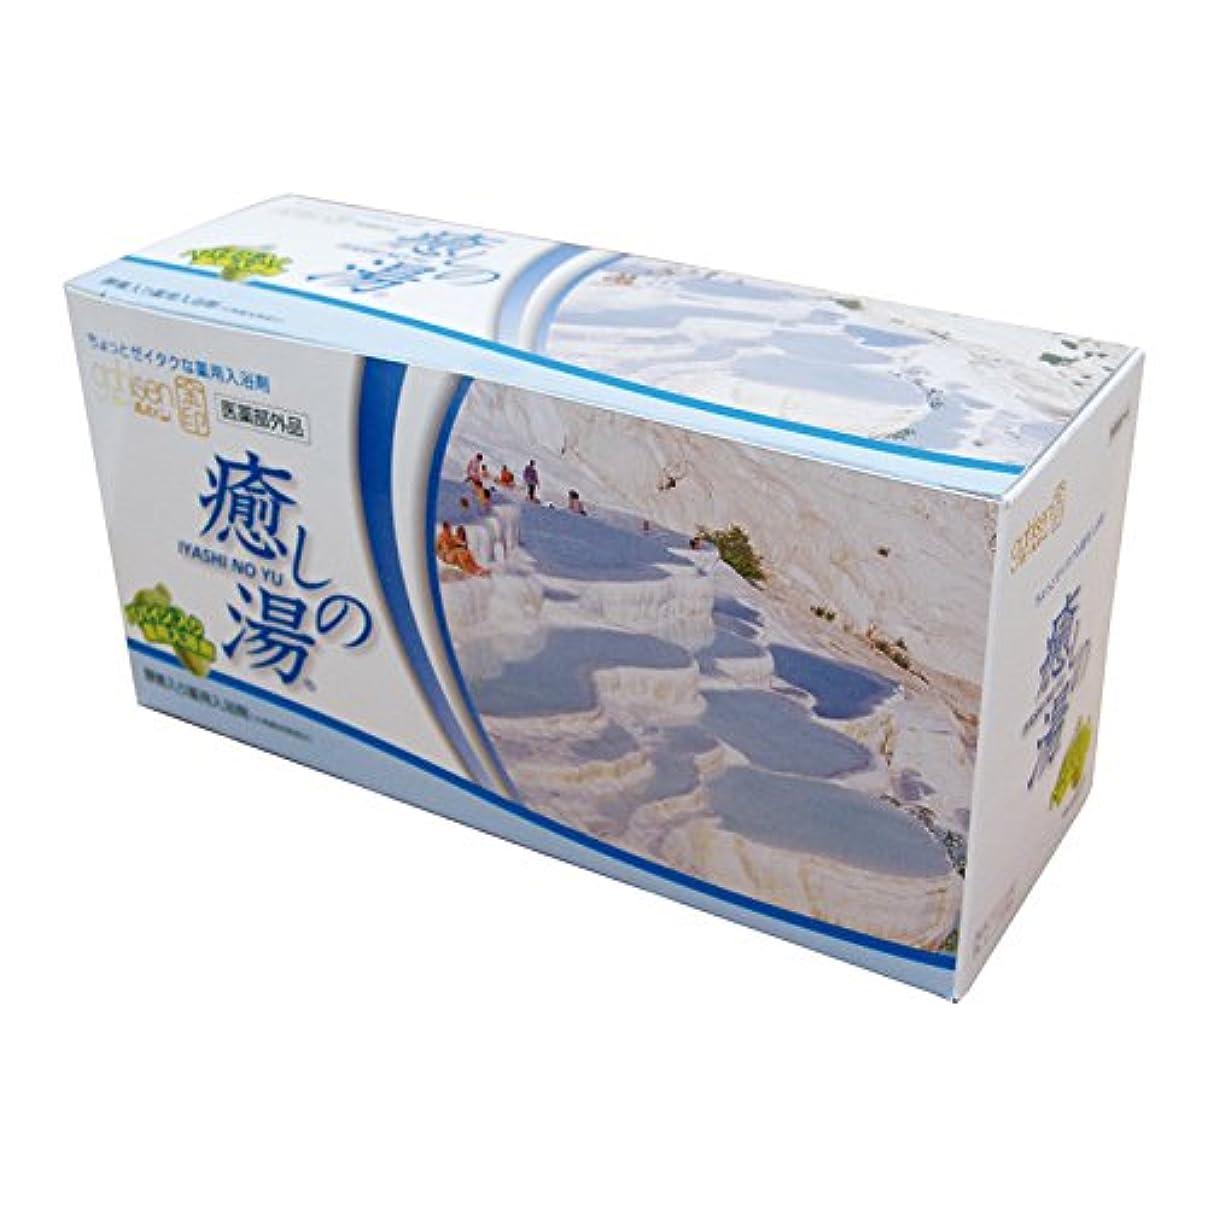 ポップお嬢バッテリーBath Terminal 【入浴剤】ガールセン 癒しの湯 金印 30包入【日本生化学正規代理店】